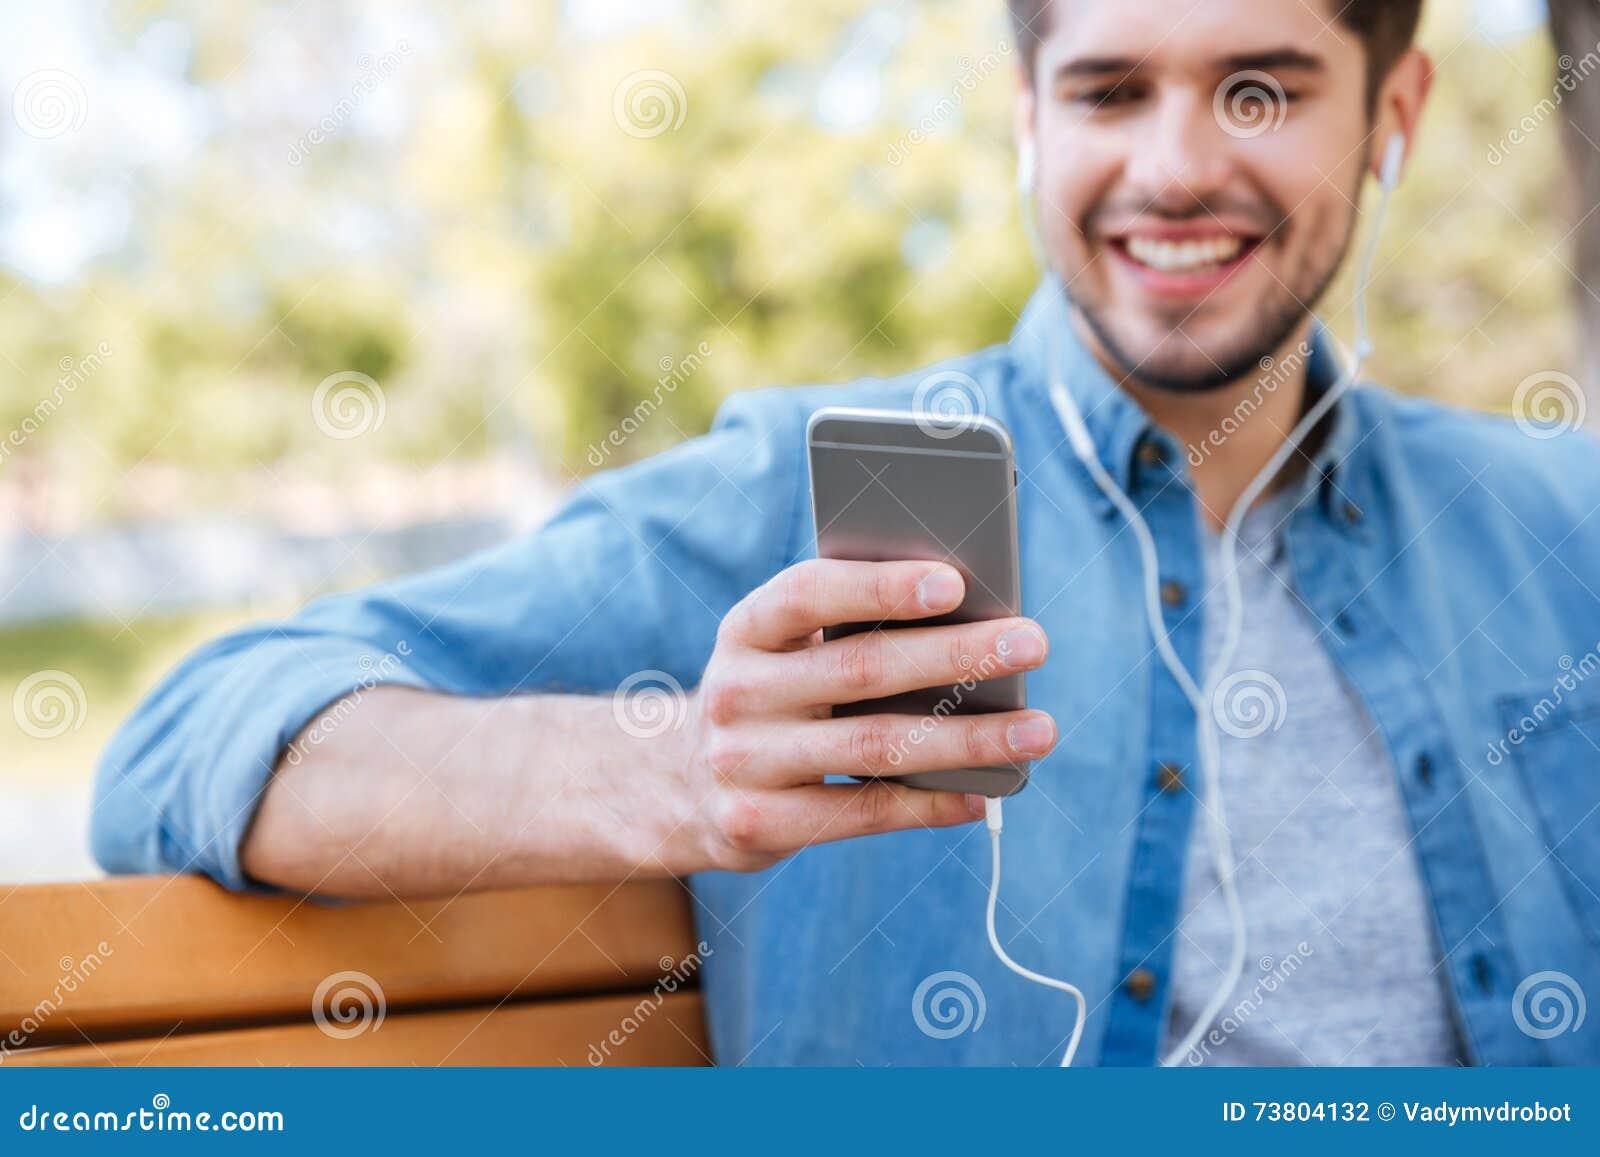 Geerntetes Bild eines jungen Mannes, der mit Handy sitzt